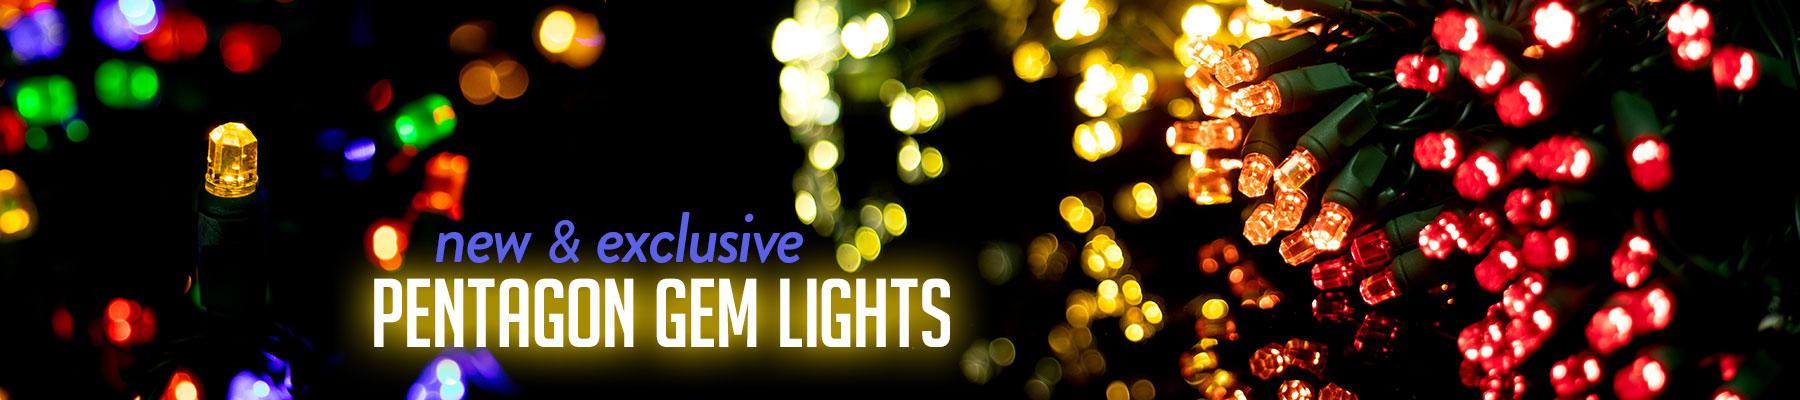 Pentagon Gem LED Lights